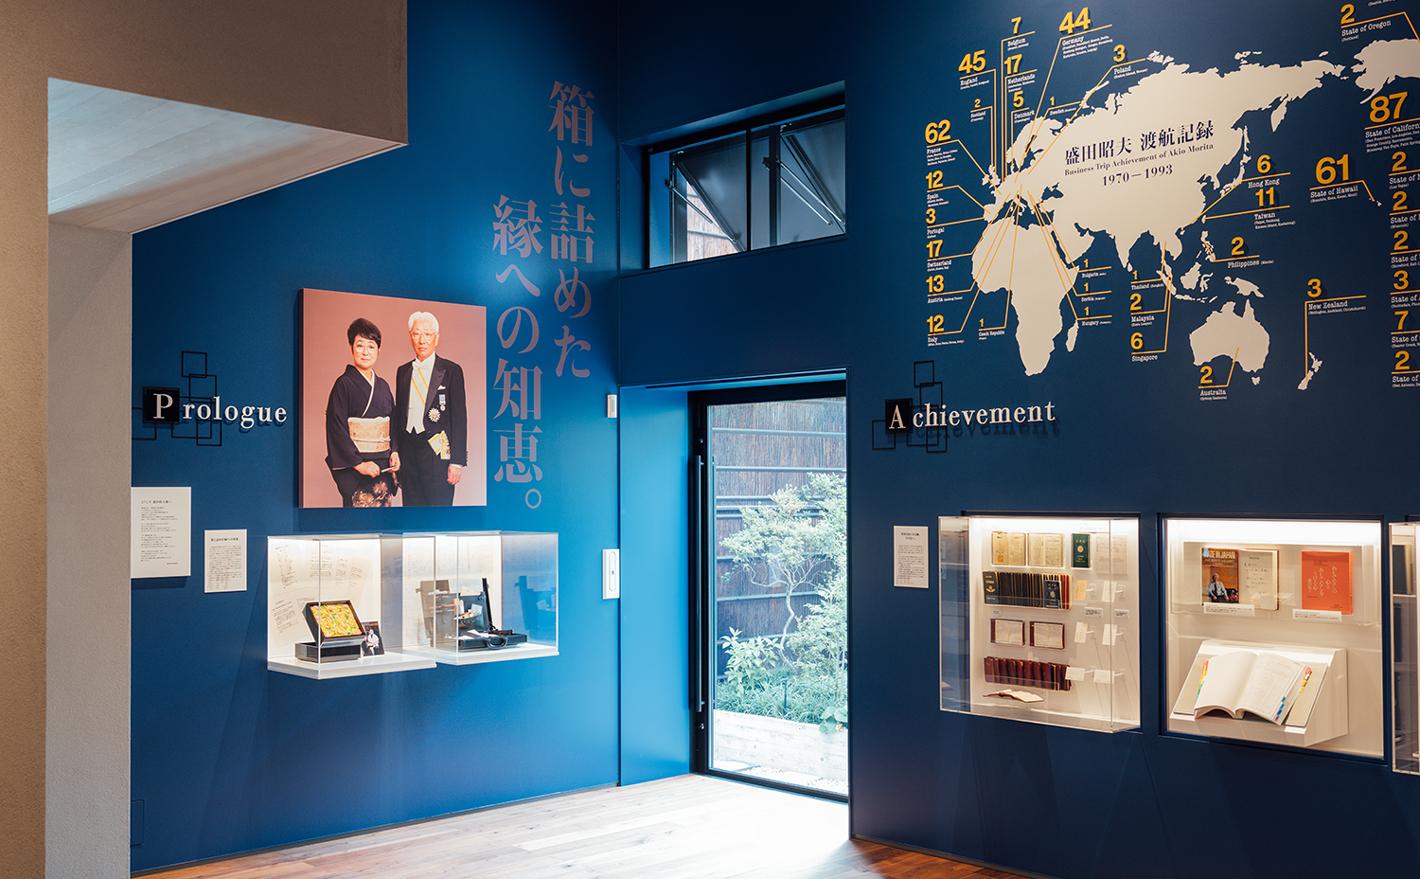 愛知県常滑市に開館した「盛田昭夫塾」のブランド立案から展示計画、デザインを担当いたしました。<br /> <br /> ソニー創業者の1人である盛田昭夫氏とその妻良子氏が常に大切にし続けた人との「縁」。そこから館のブランドコンセプトを確立し、2人の生きざまを5つのエリアを通じて展示しています。またWEB、サイン、展示、パンフレット、グッズにいたるまで、すべてのデザインを手がけています。ブランディングから細部のデザインまで携わることで、一貫性のあるブランドを体現しています。